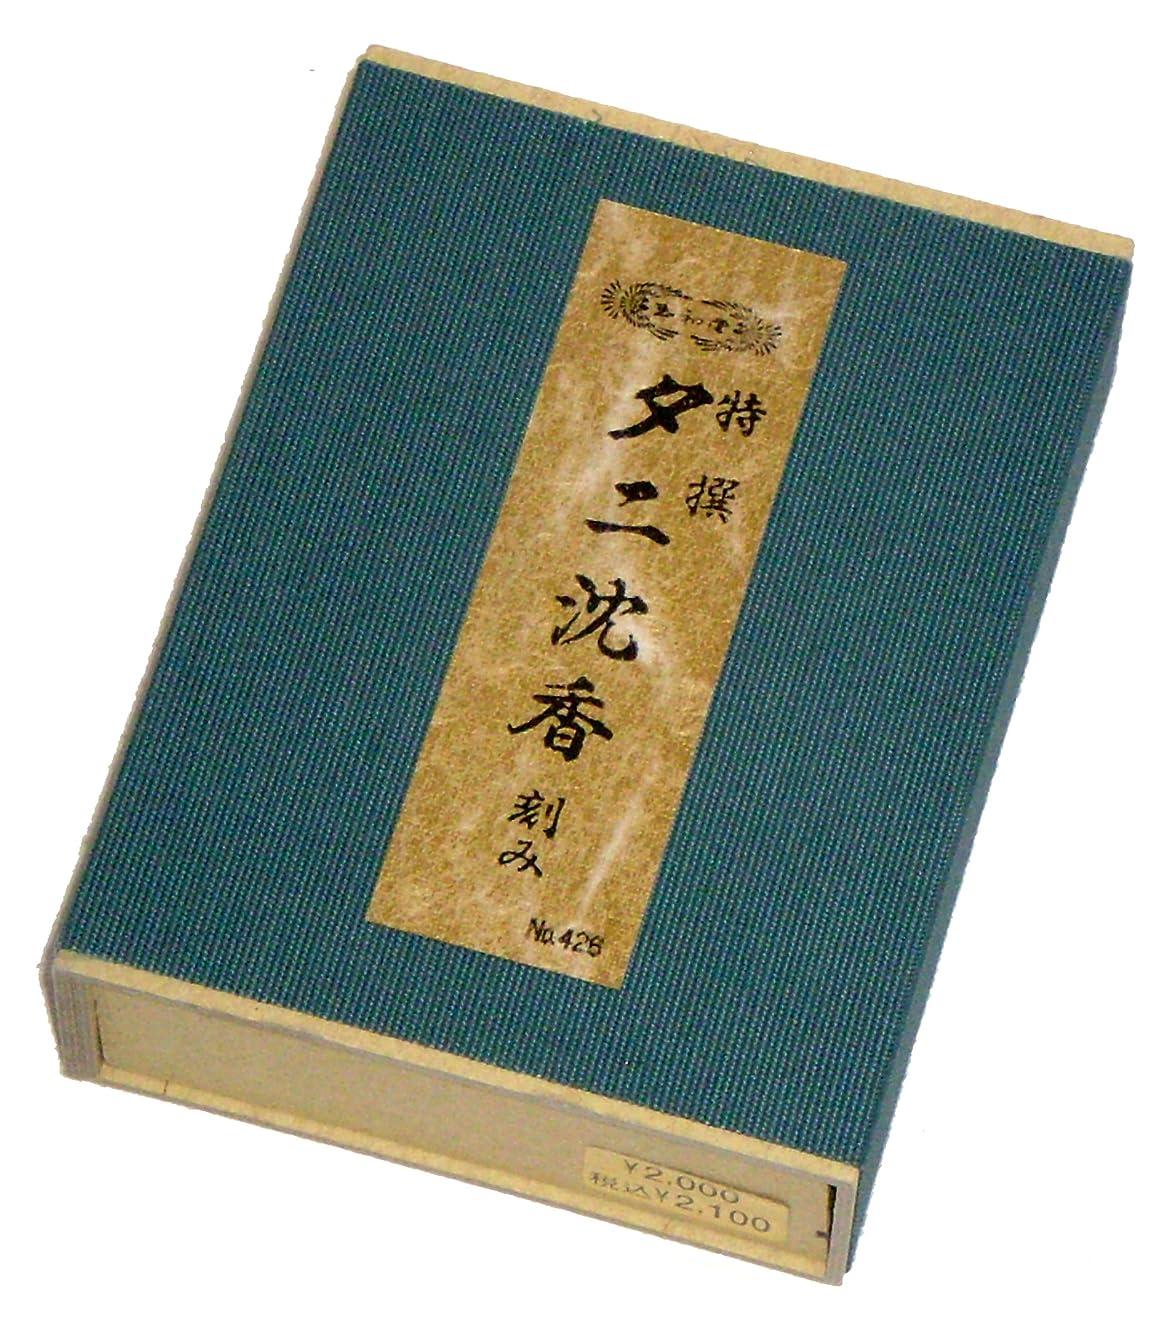 安定感度配偶者玉初堂のお香 特撰タニ沈香 刻み #426